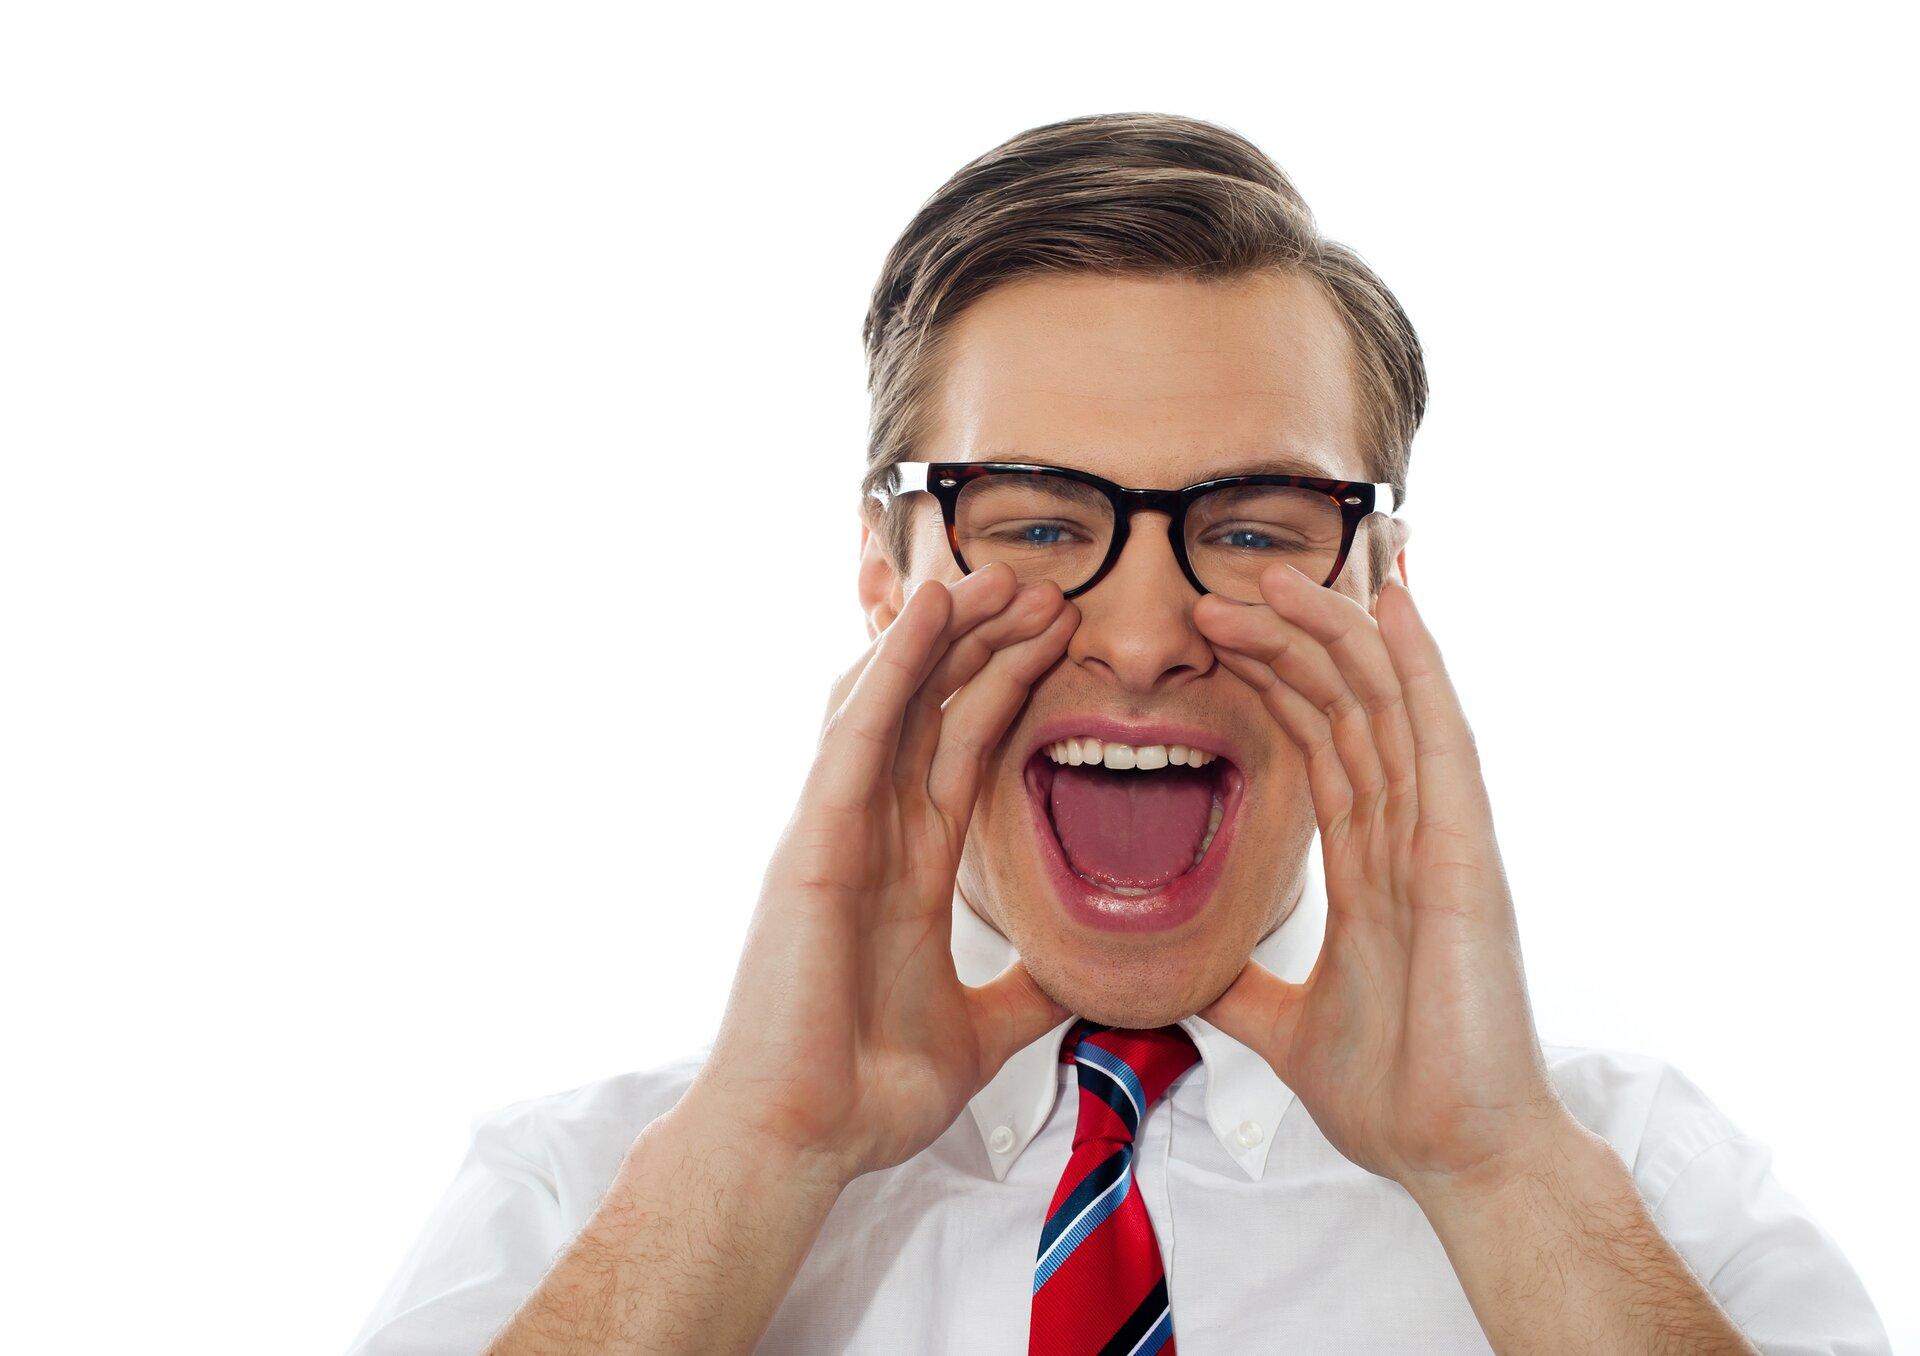 Zdjęcie przedstawia mężczyzne krzyczącego.